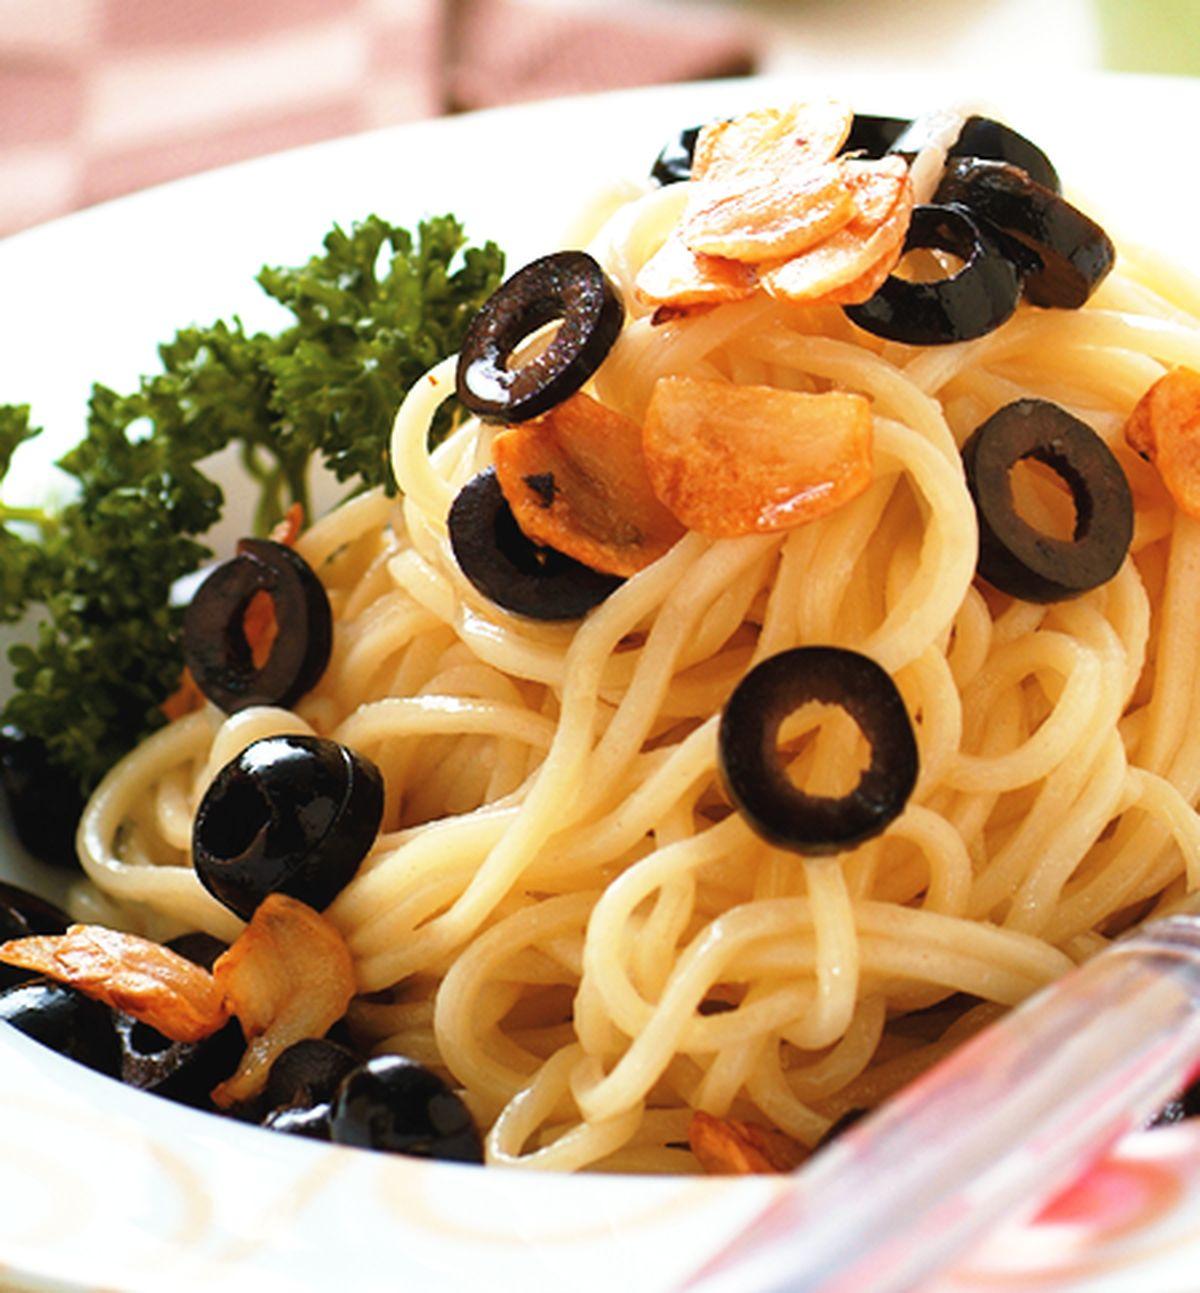 食譜:黑橄欖蒜片拌麵